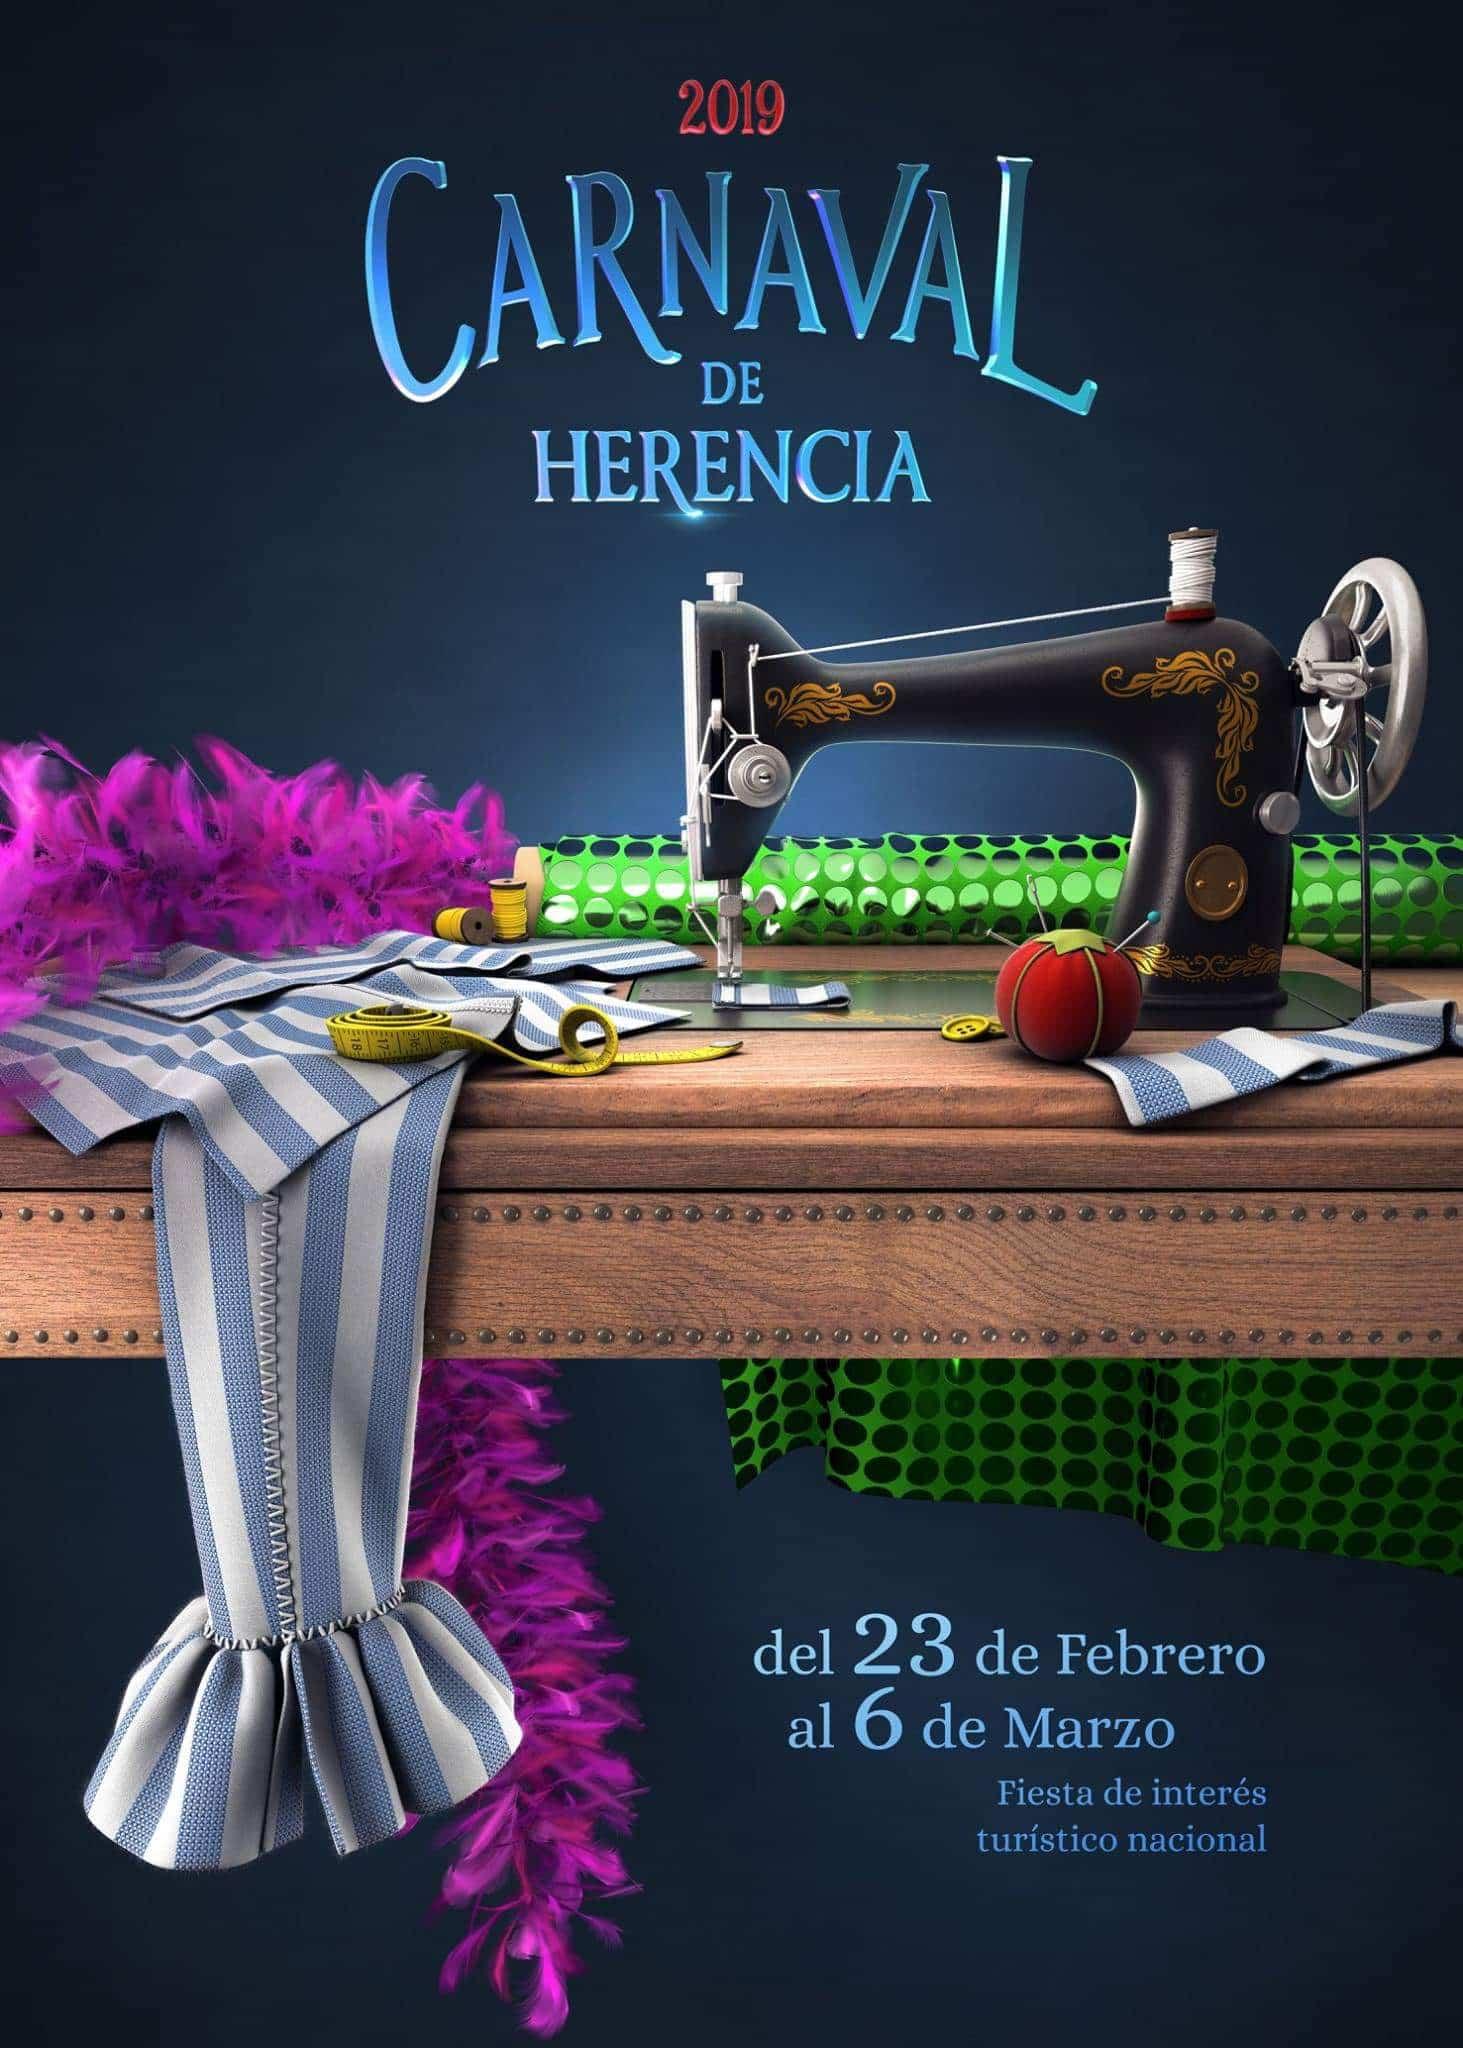 cartel de carnaval de herencia 2019 ciudad real - Programación del Carnaval de Herencia 2019, Fiesta de Interés Turístico Nacional